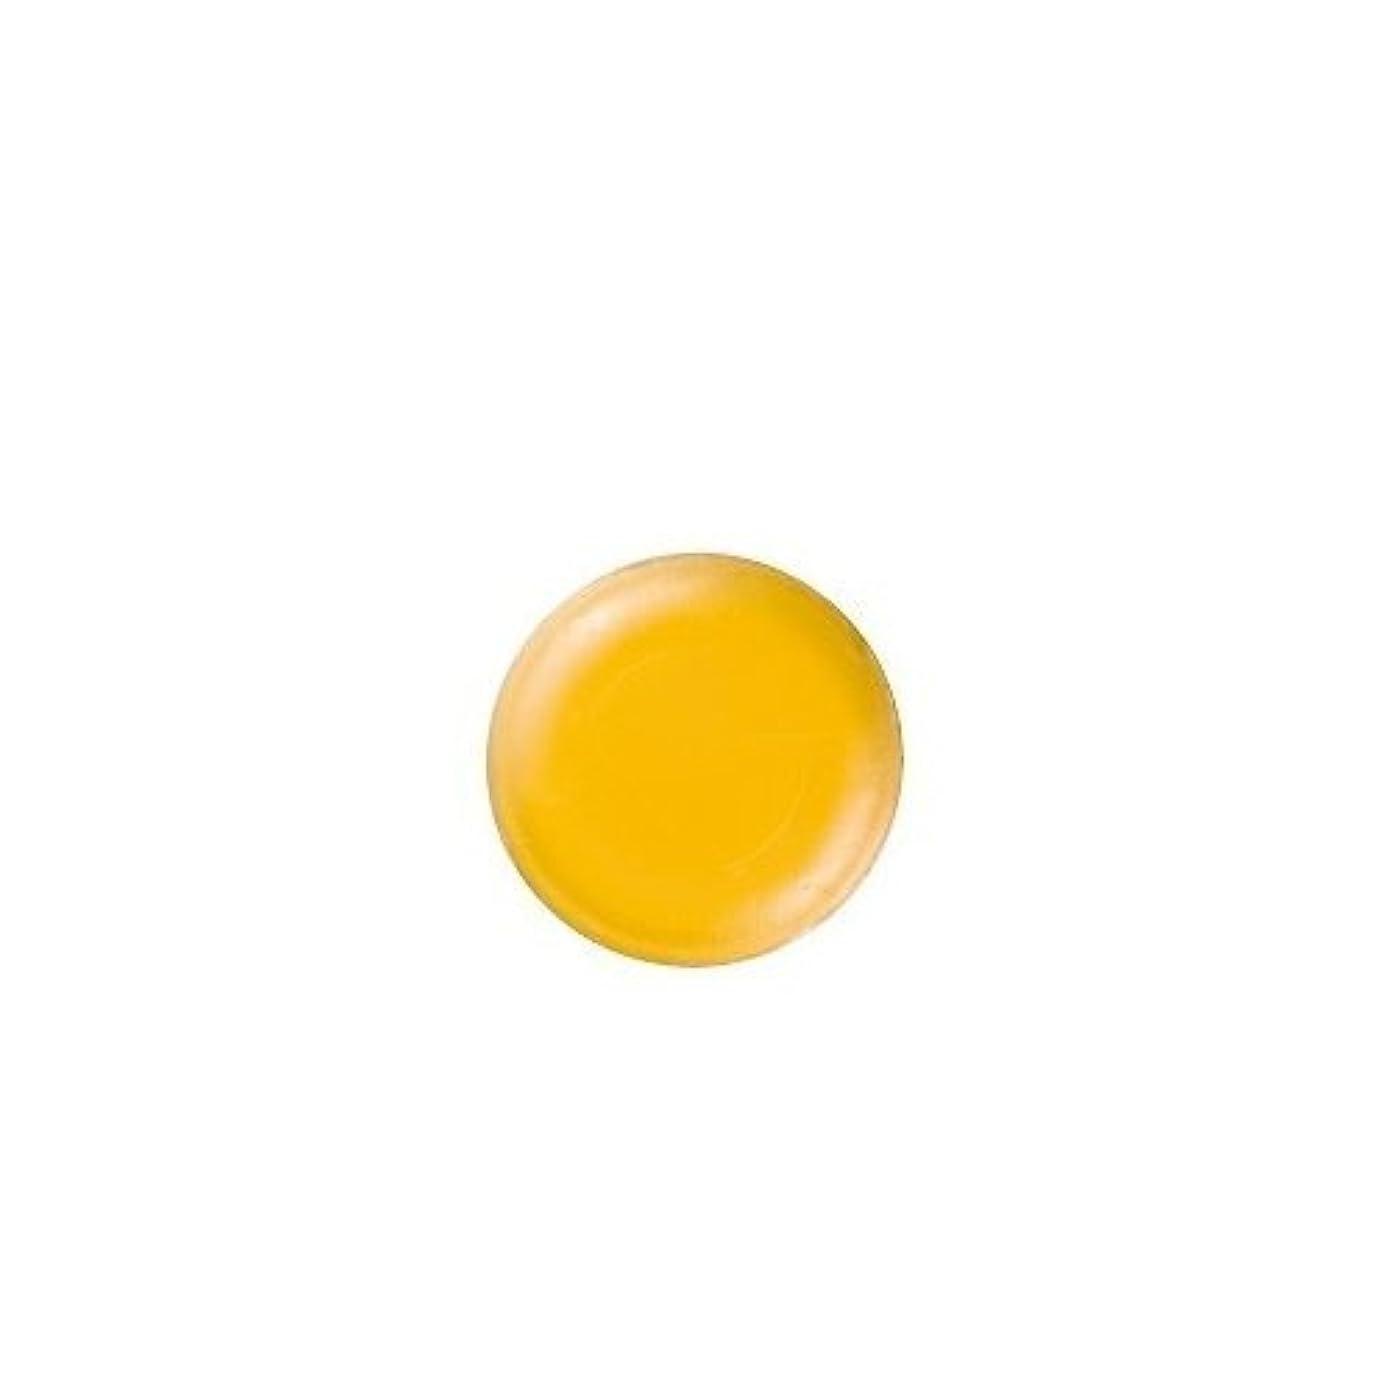 スープなるマニアサラウィン リポフレクシー フェイシャルエッセンシャルソープ 60g×2個